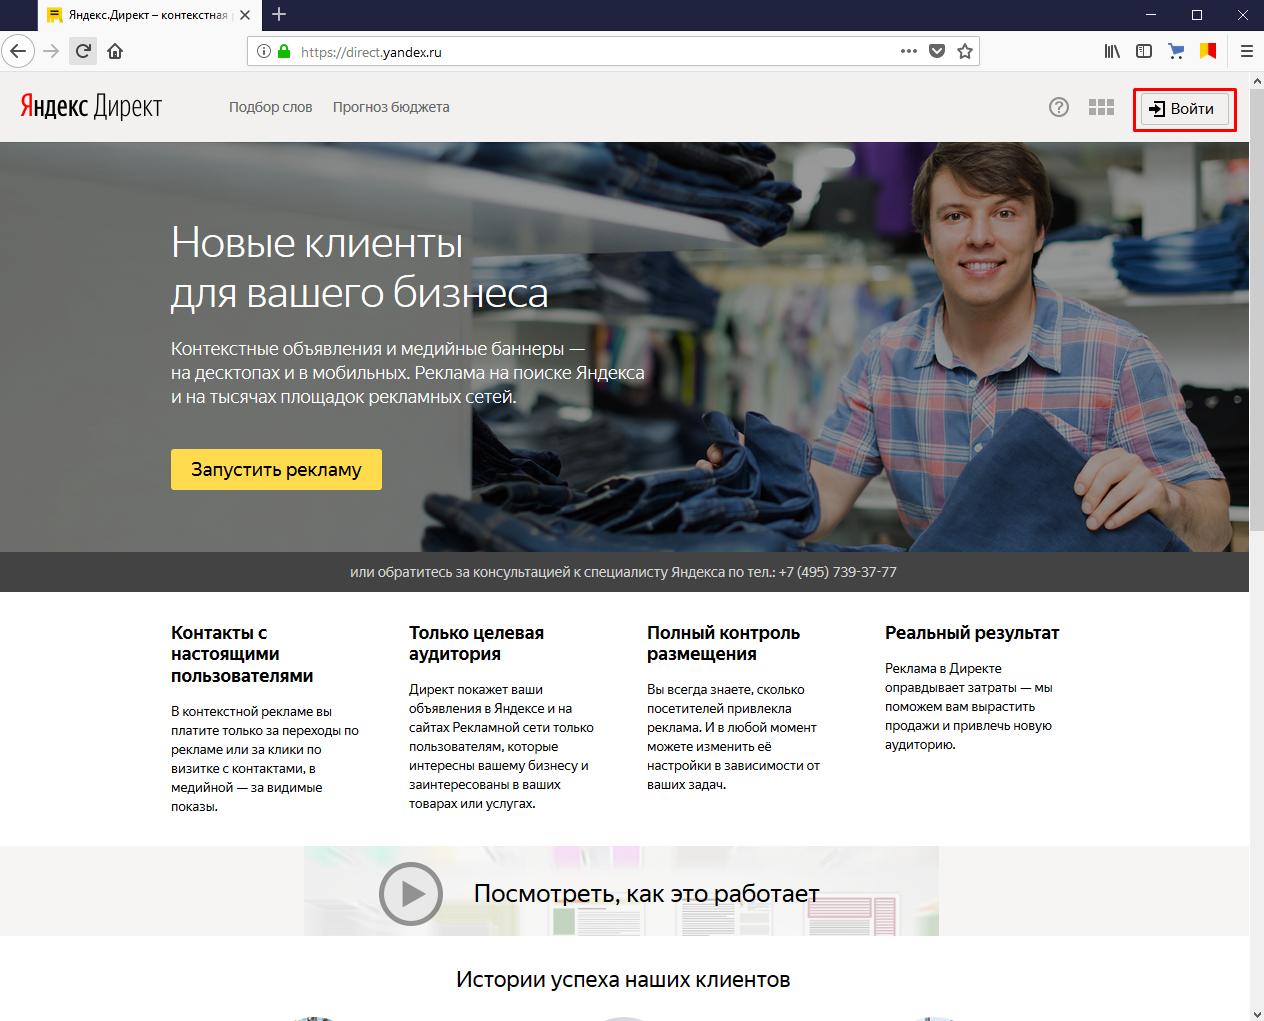 ак оплатить Яндекс.Директ, если вы физическое лицо